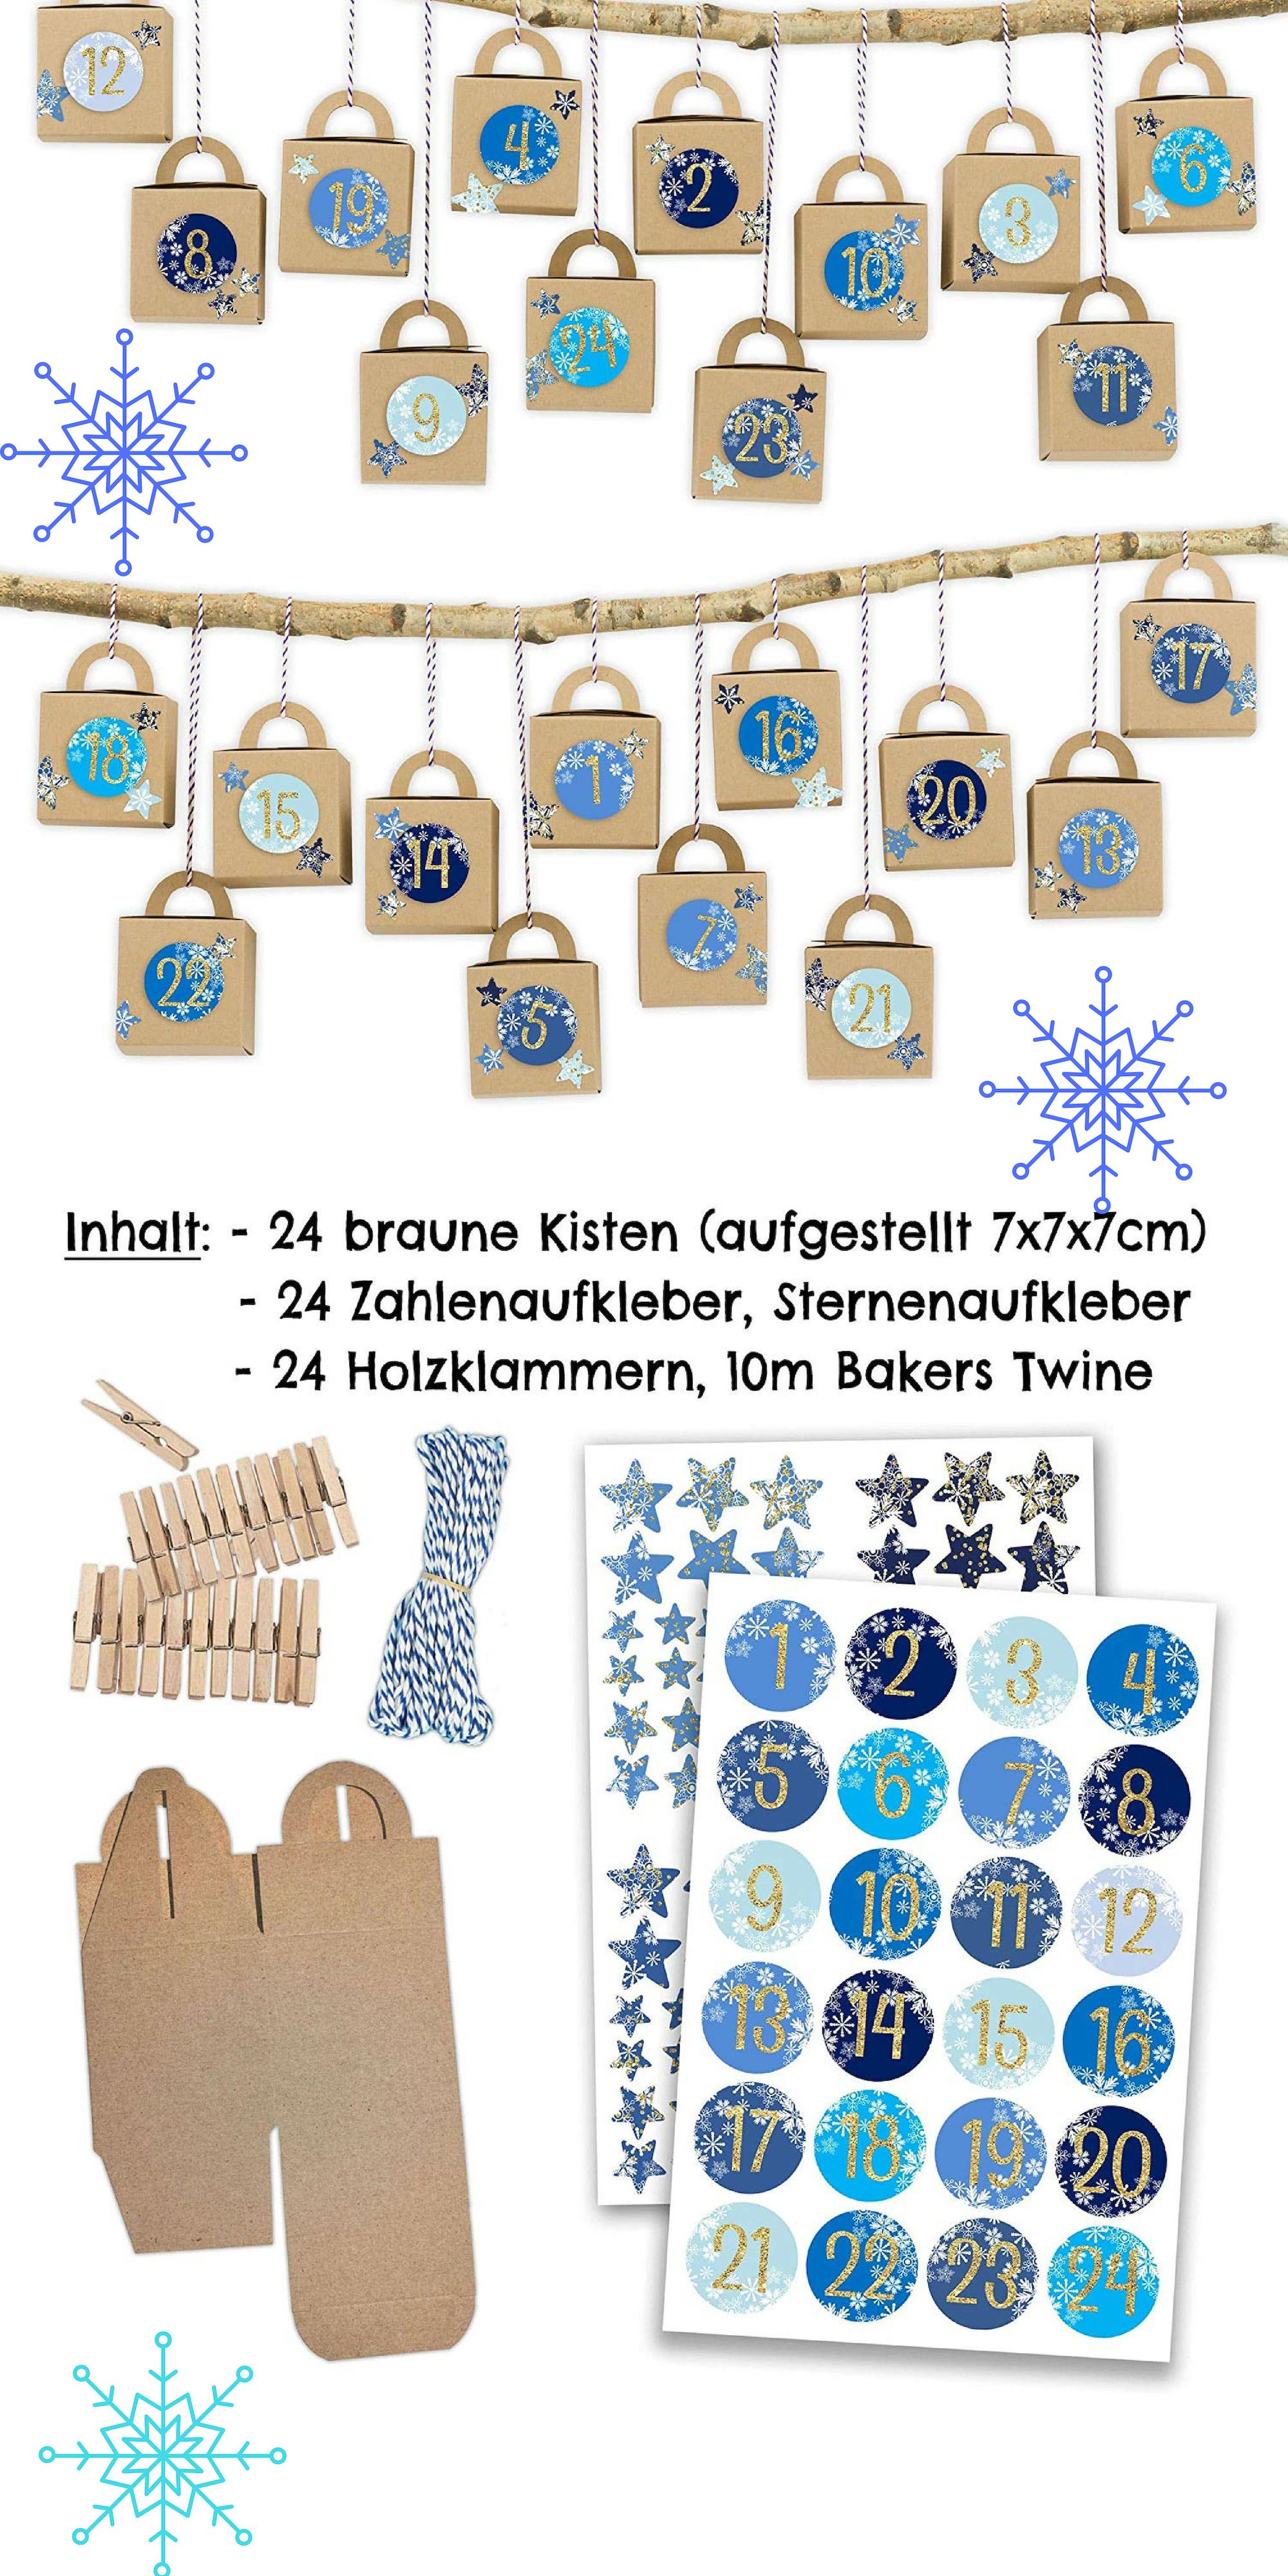 Weihnachten 🎄 Weihnachtsdekoration 🎅 Weihnachtsgeschenke